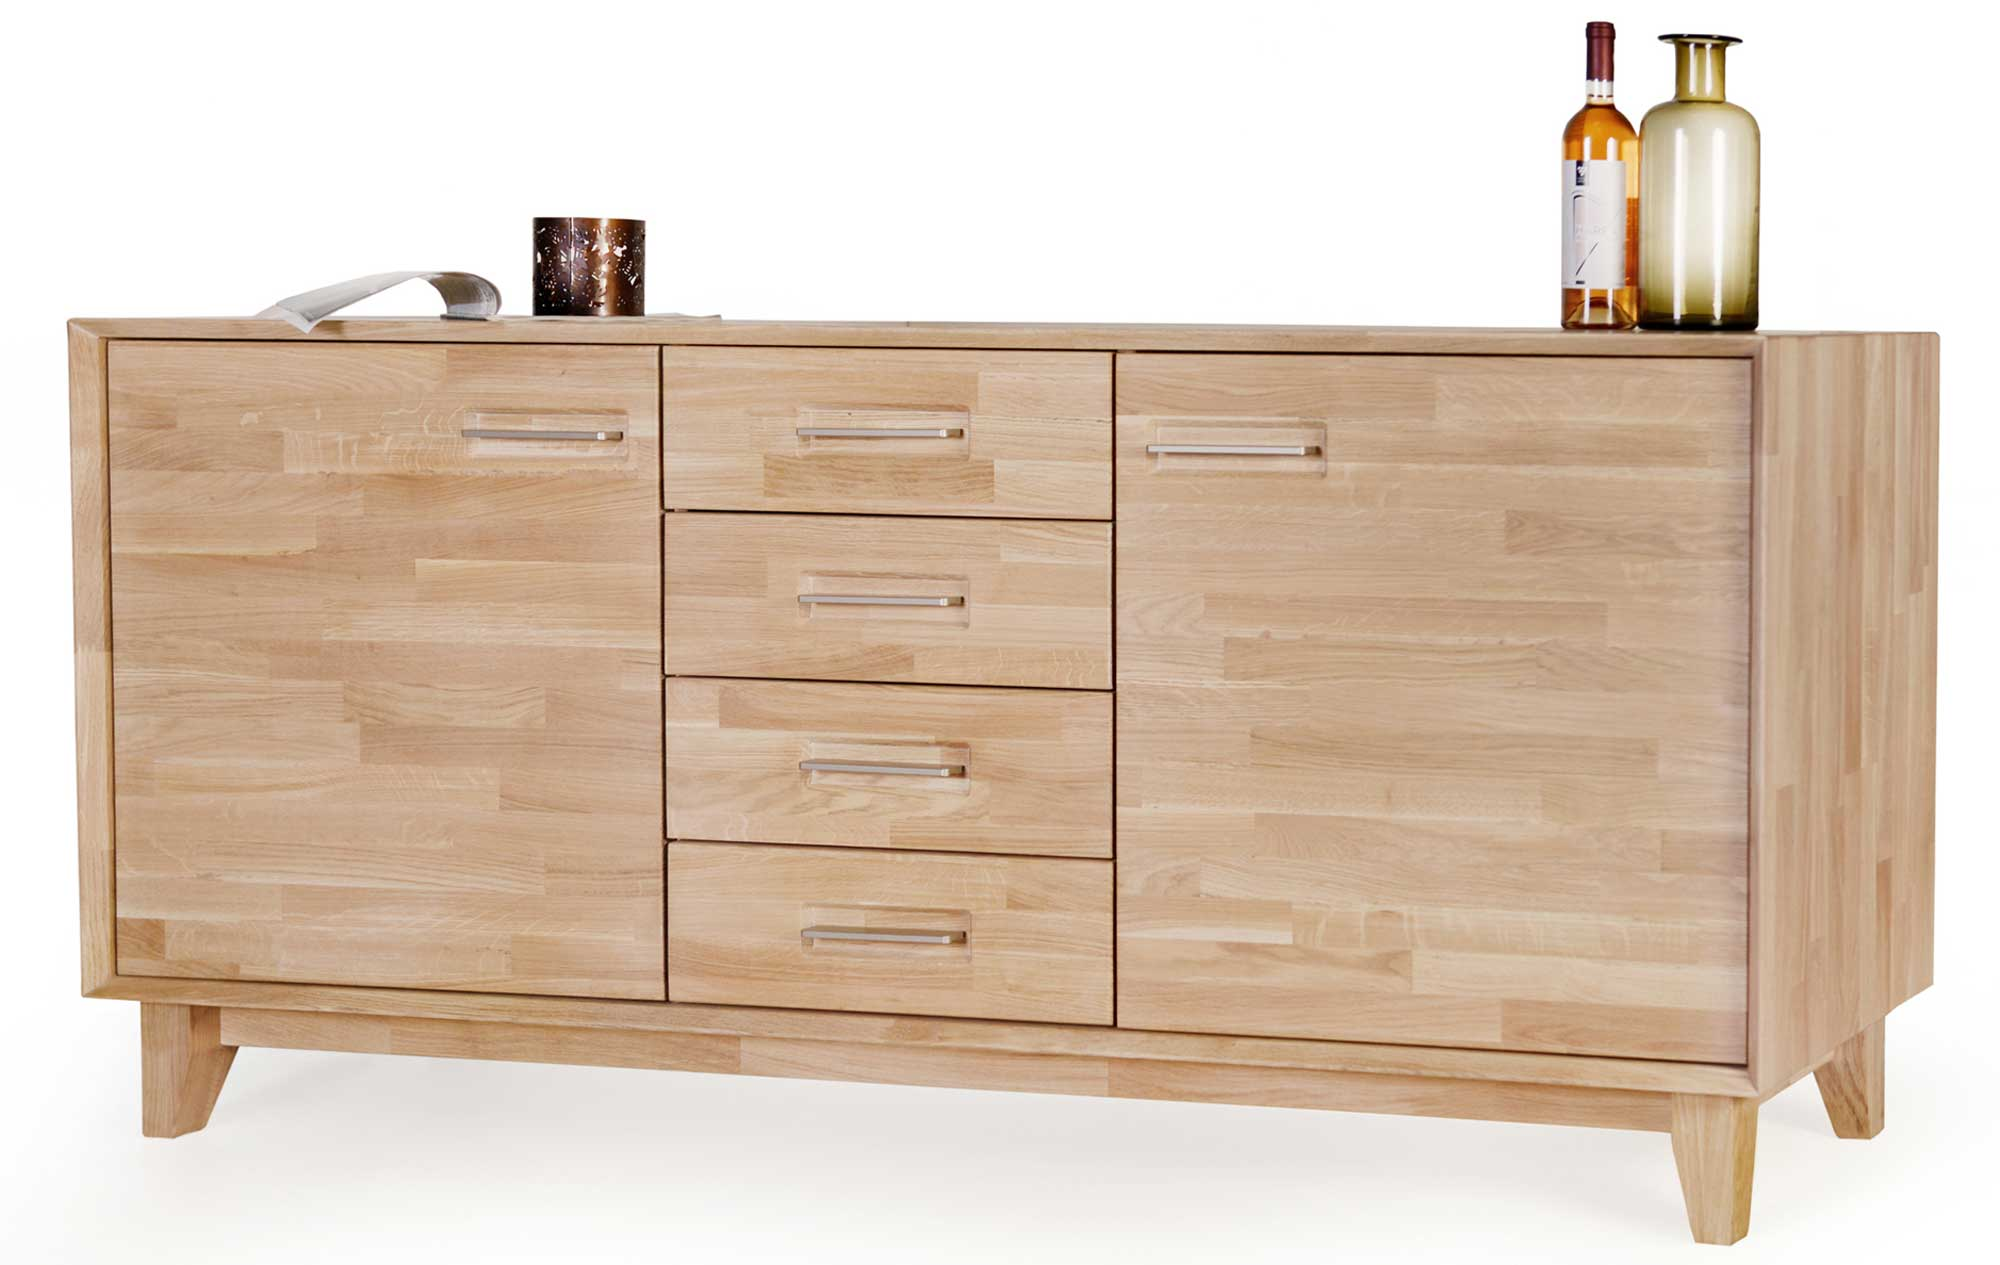 Standard Furniture Numero Uno Sideboard massiv eiche